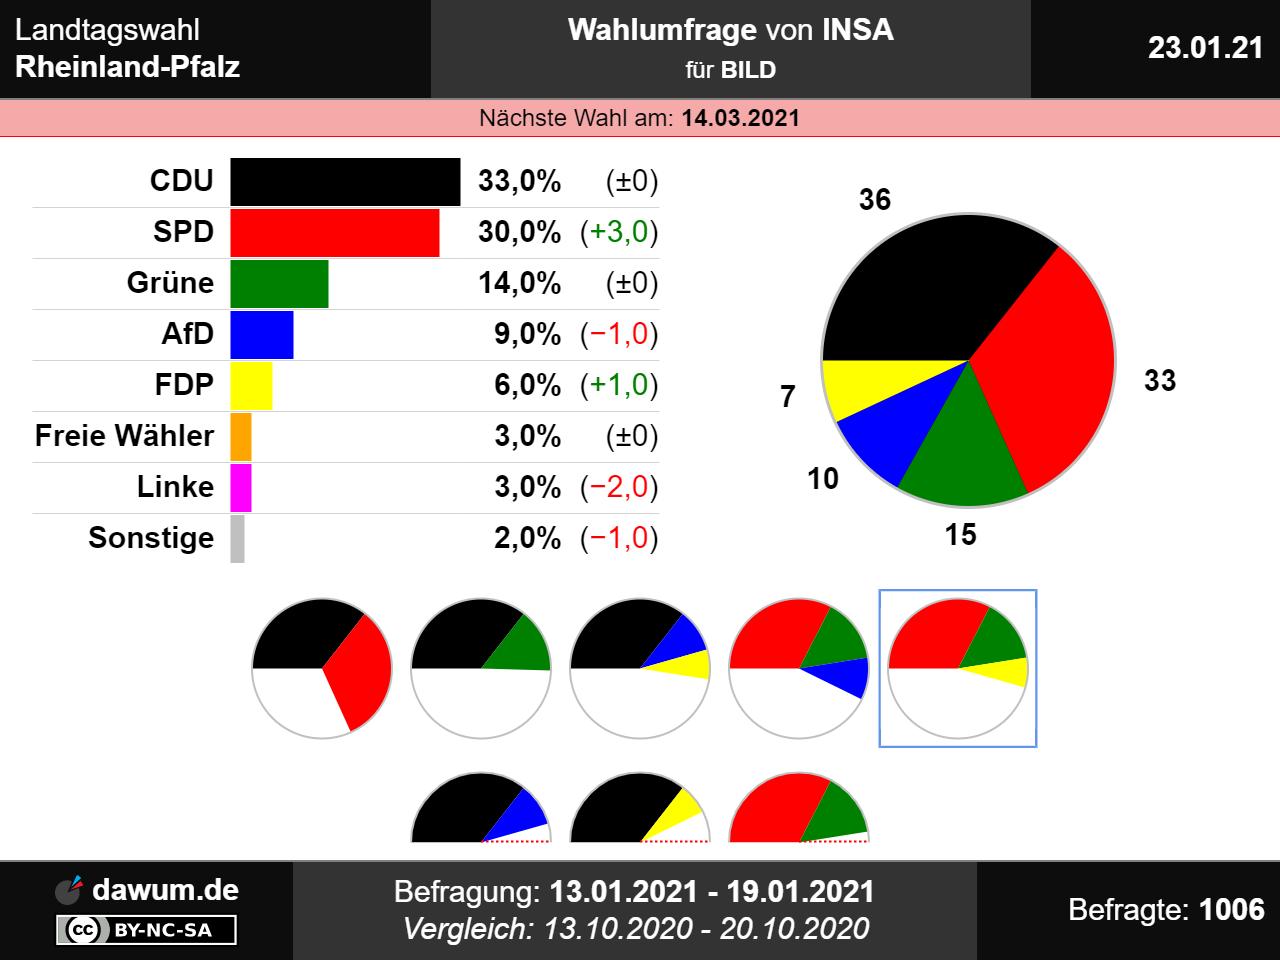 Landtagswahl Nordrhein-Westfalen 2021